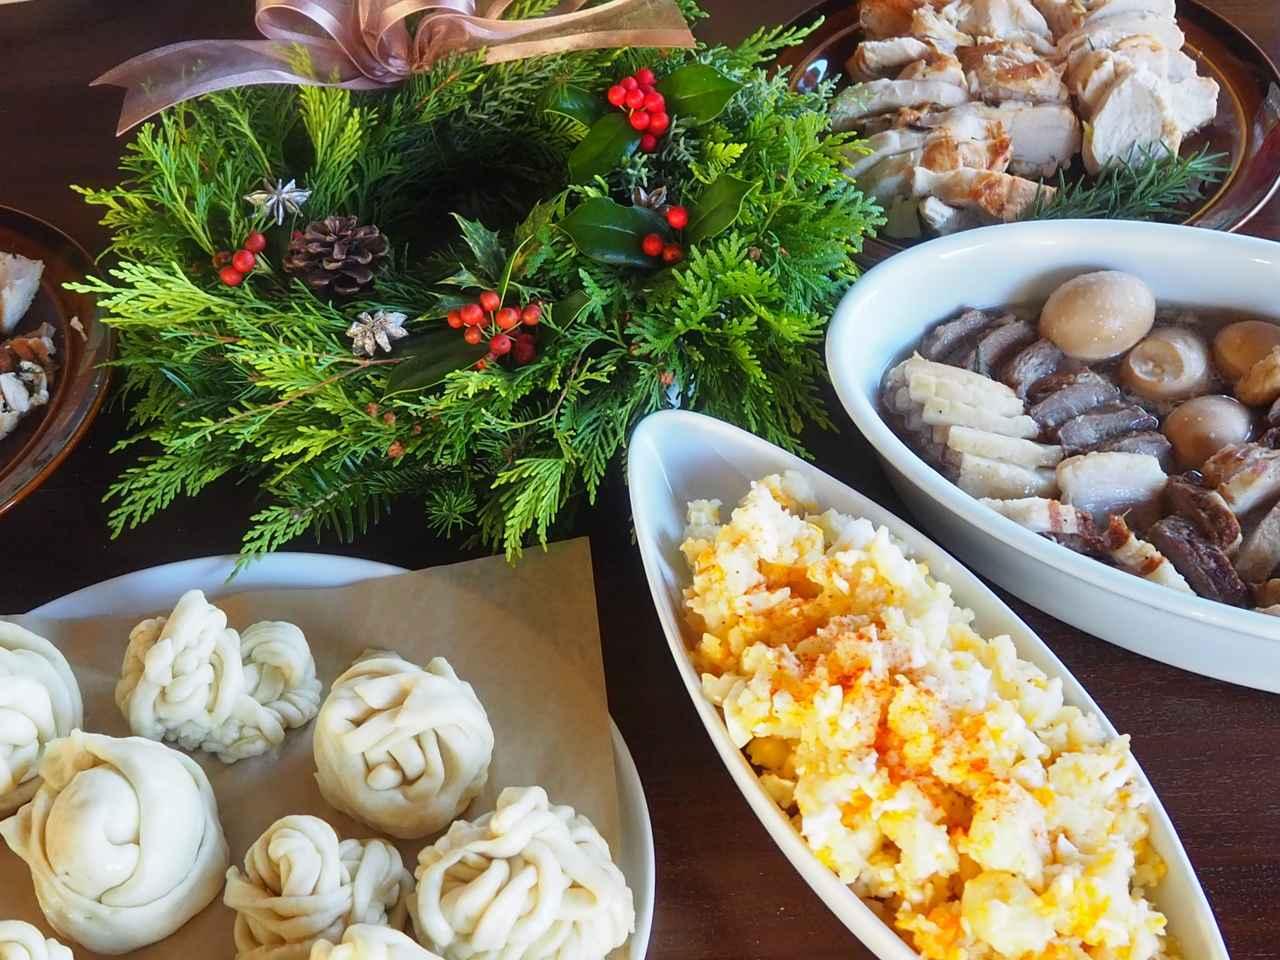 画像1: 恒例のクリスマスリース作りと燻製料理に舌鼓 Farming Event Report【2018.11.25】